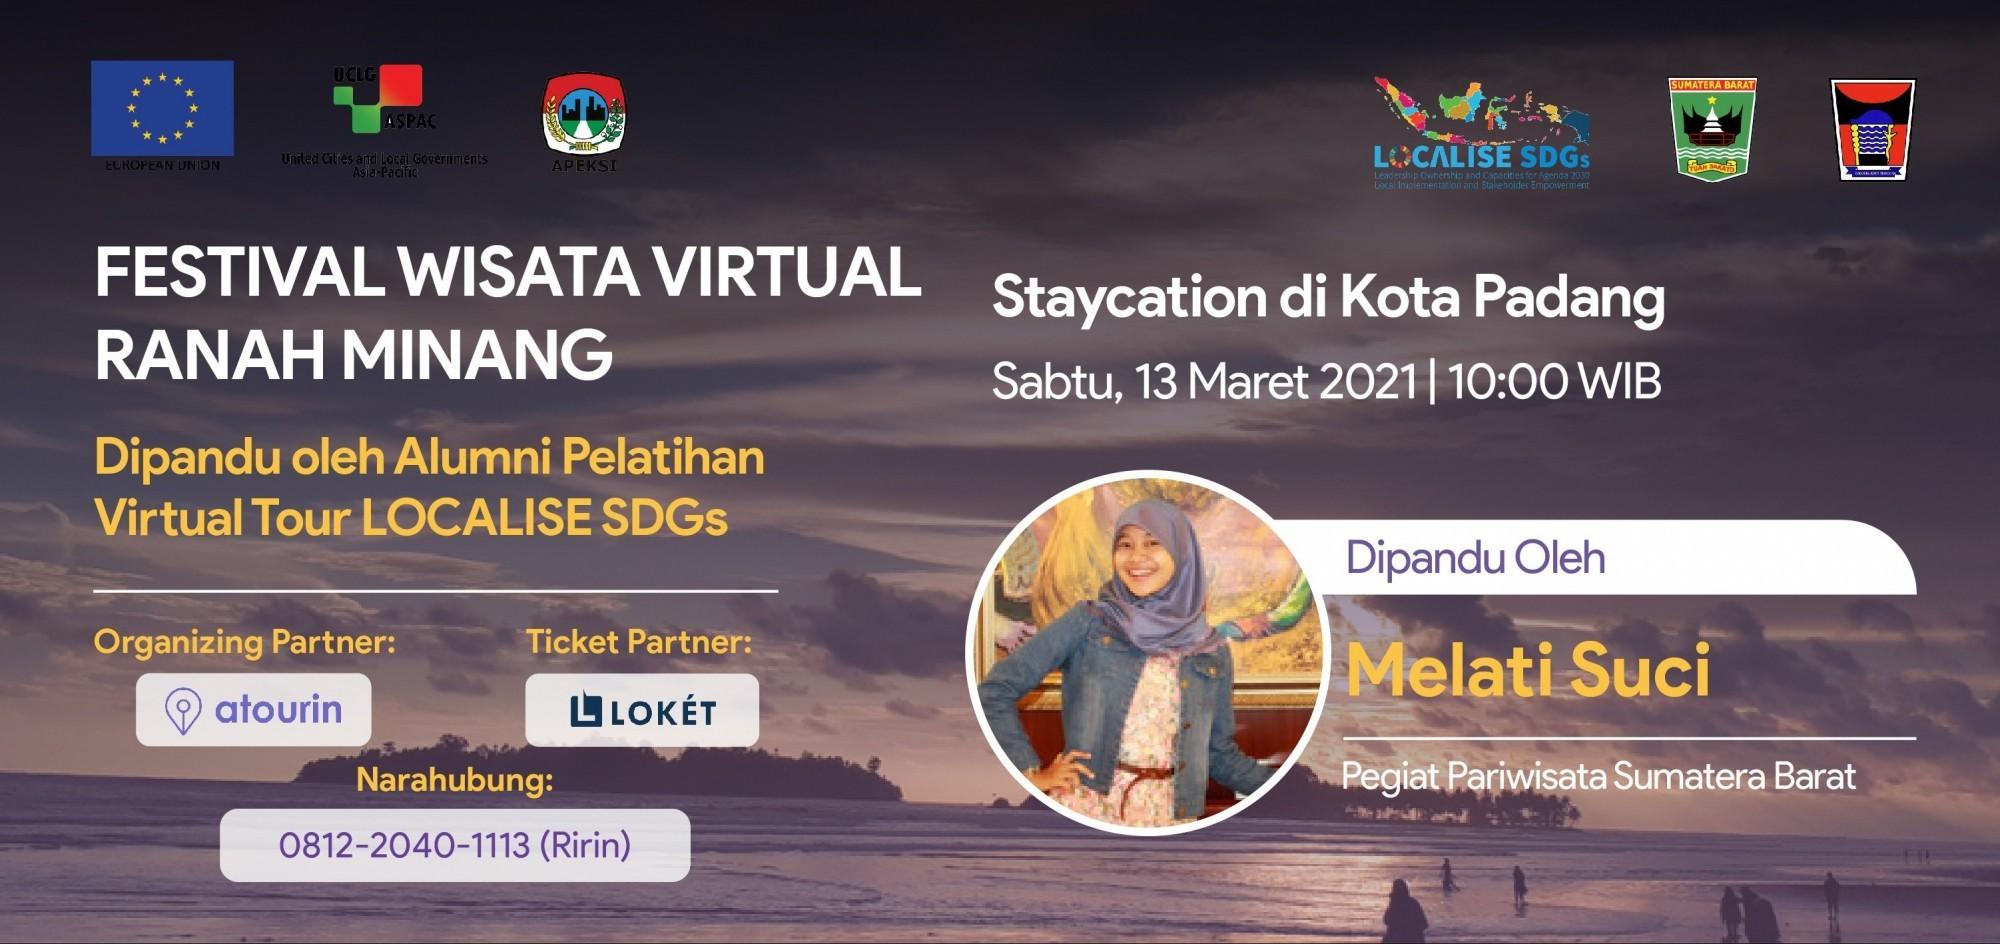 Staycation di Kota Padang - Festival Wisata Virtual Ranah Minang